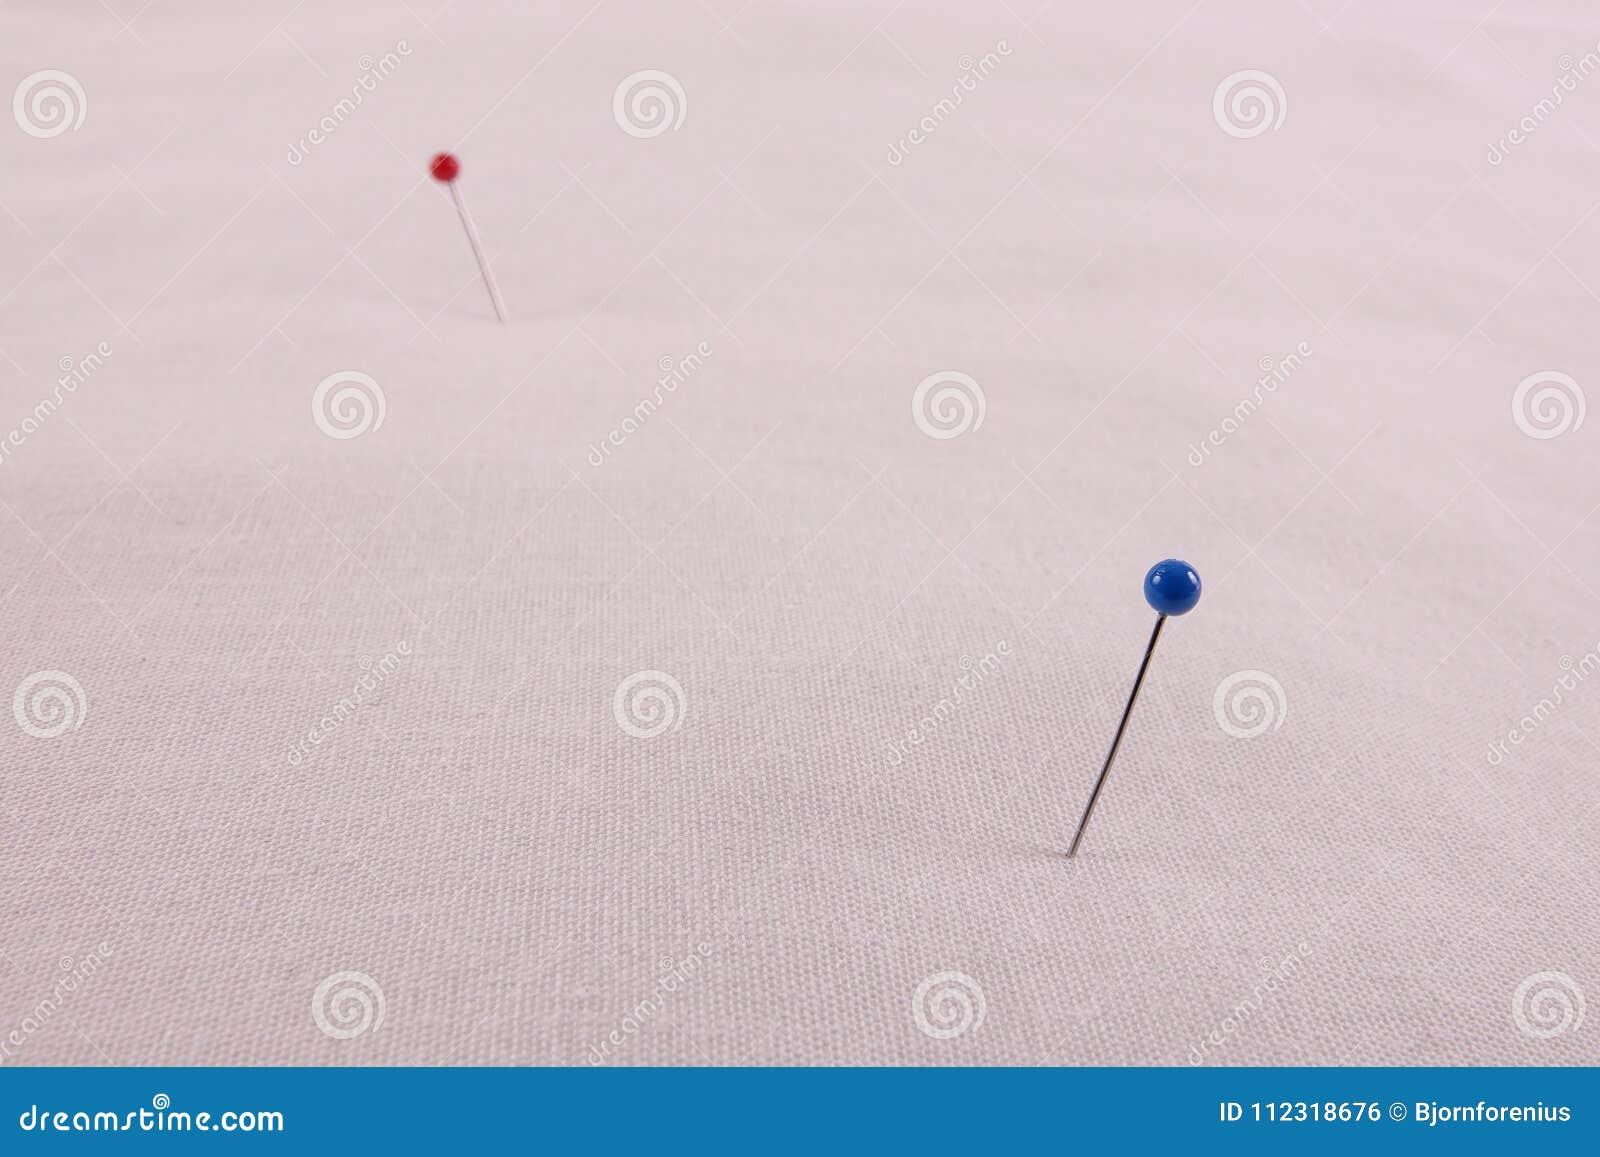 Błękita i czerwieni szpilki punkty że ocena koniec i początek